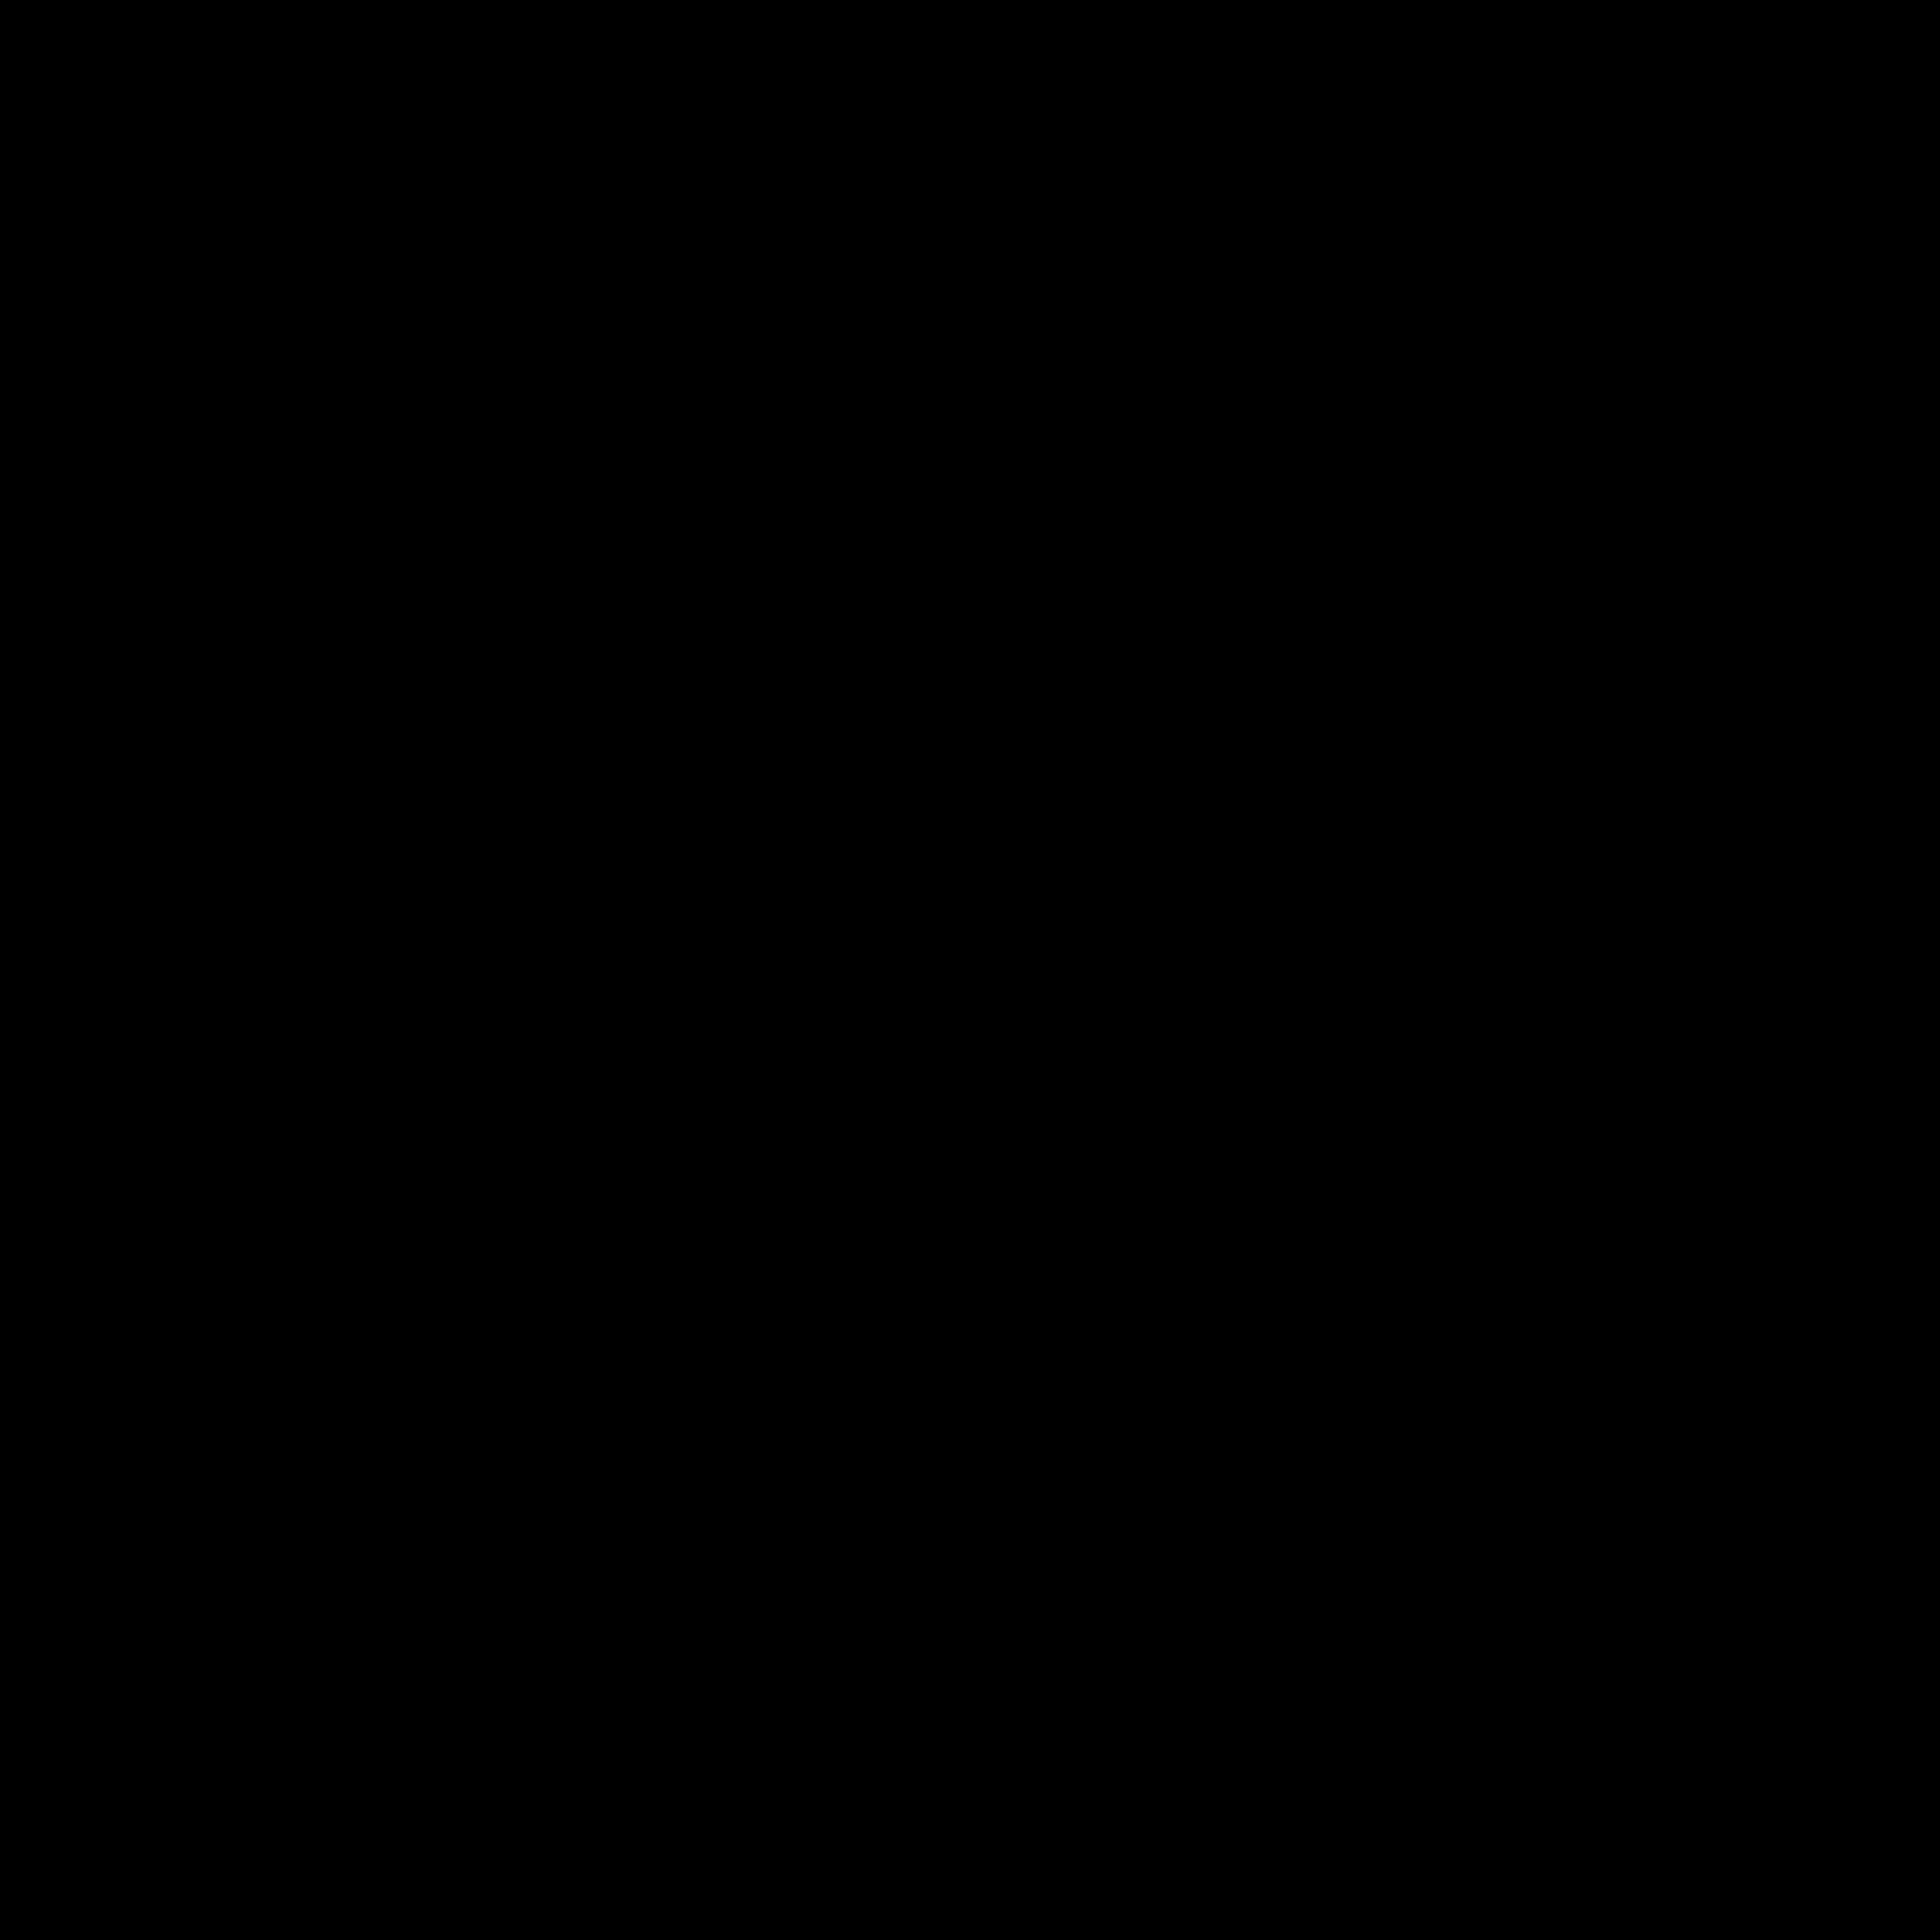 pin Ukulele clipart black and white #2 - Ukulele PNG Black And White